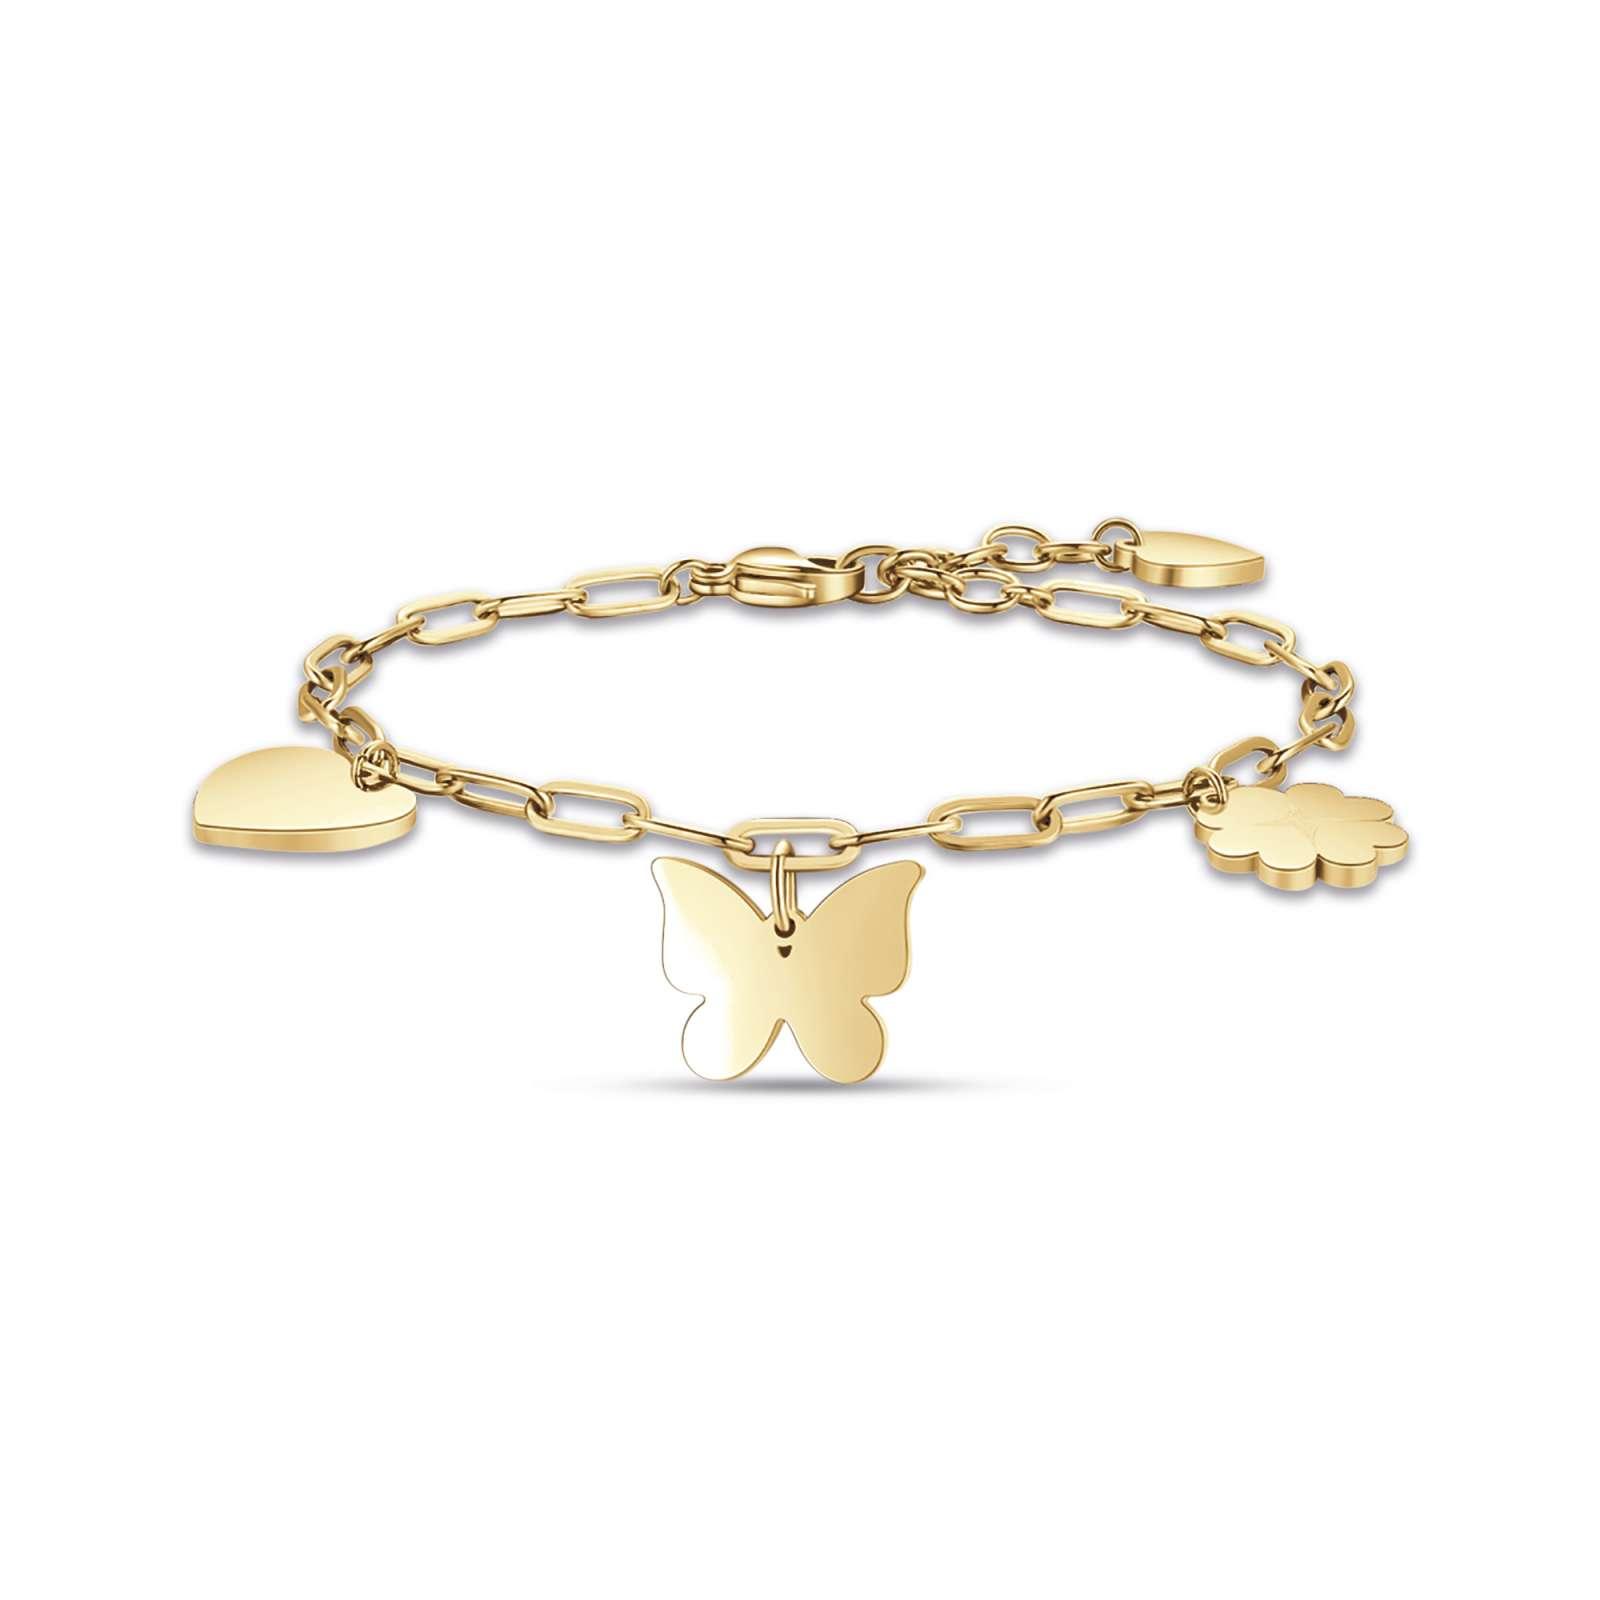 Luca Barra - Bracciale in acciaio ip gold con cuore farfalla e quadrifoglio